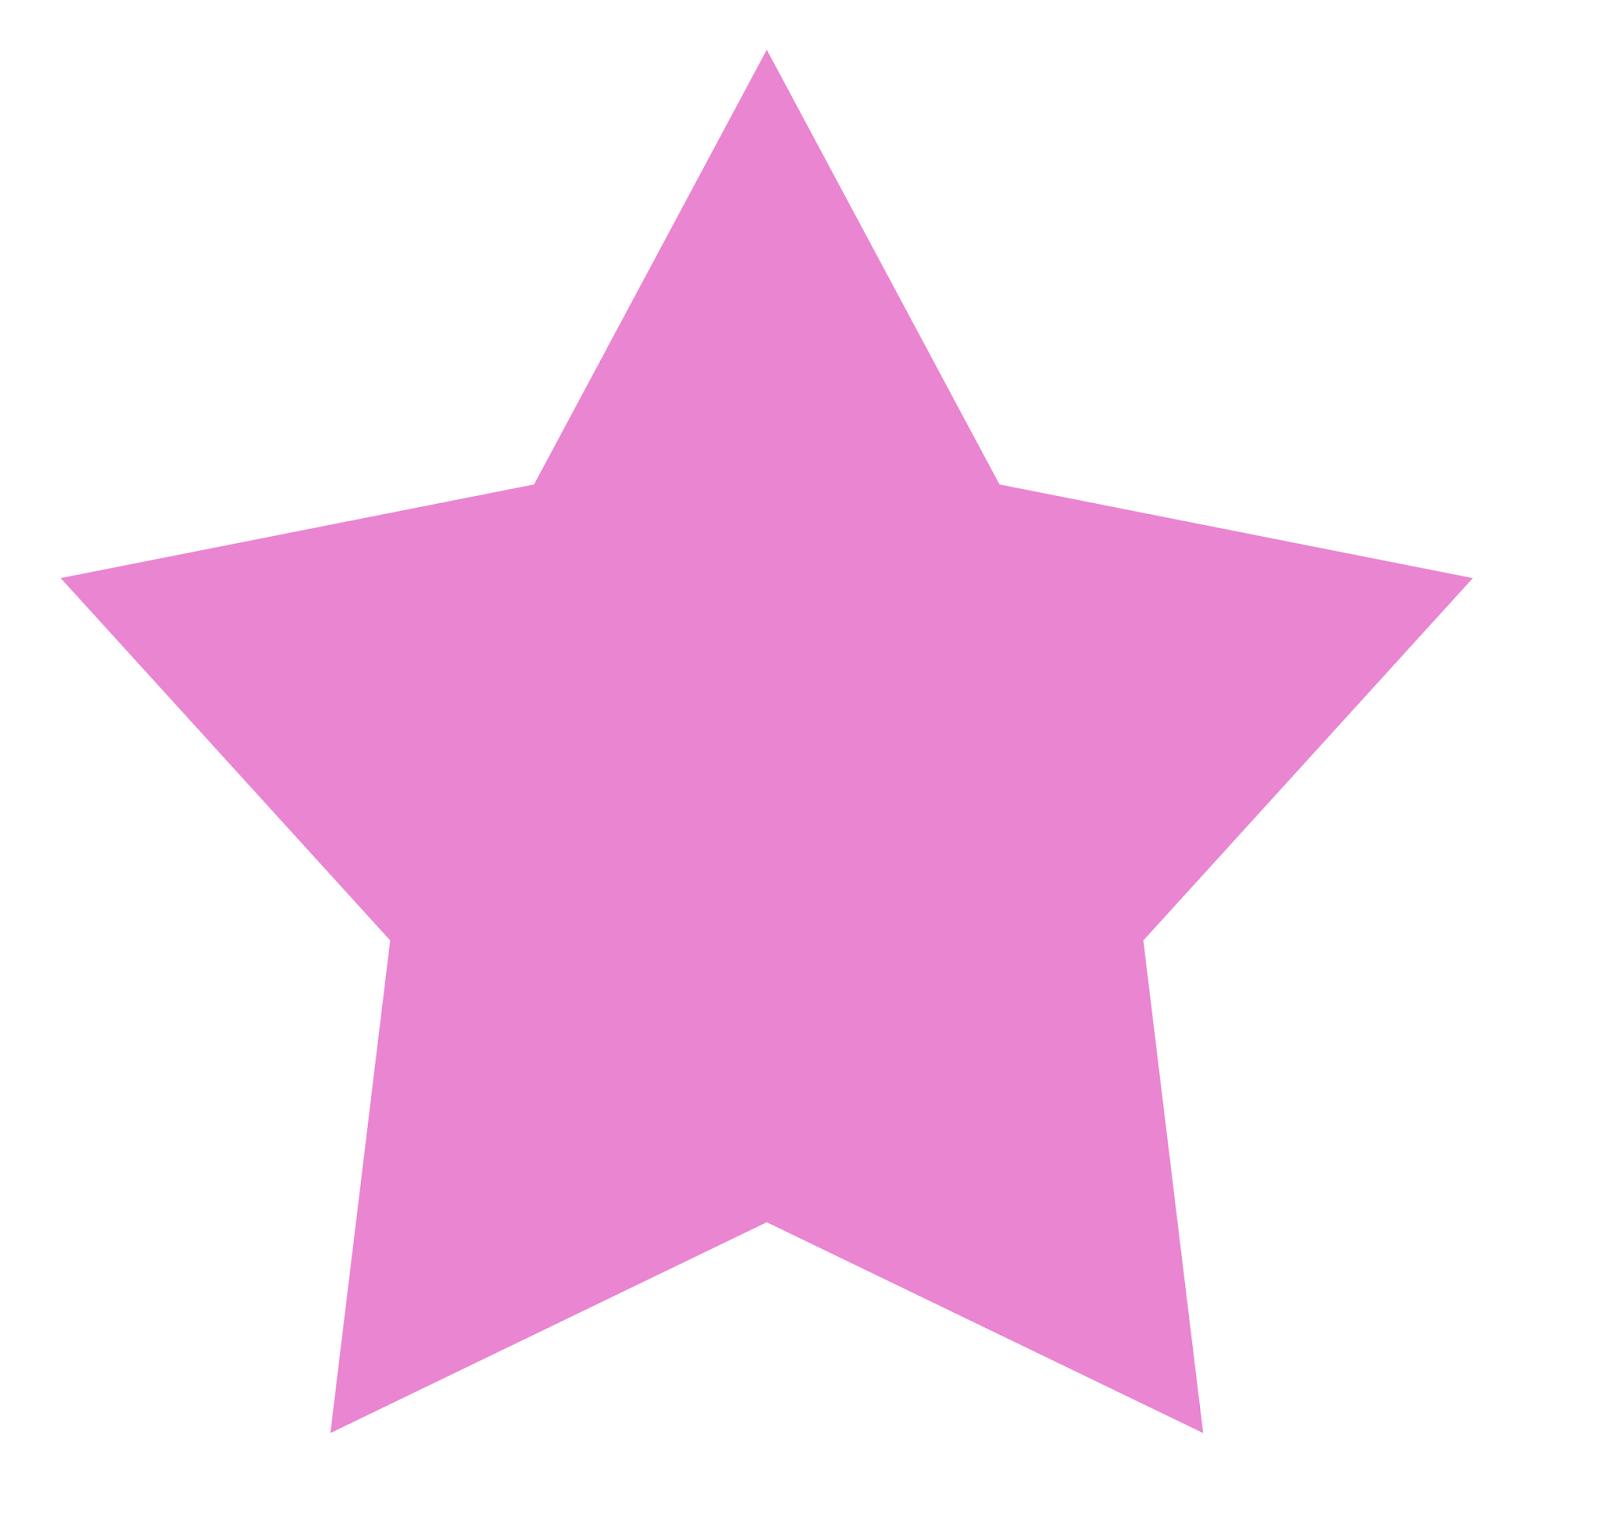 Manualidades y decoracion: Molde de estrellas para decorar ...